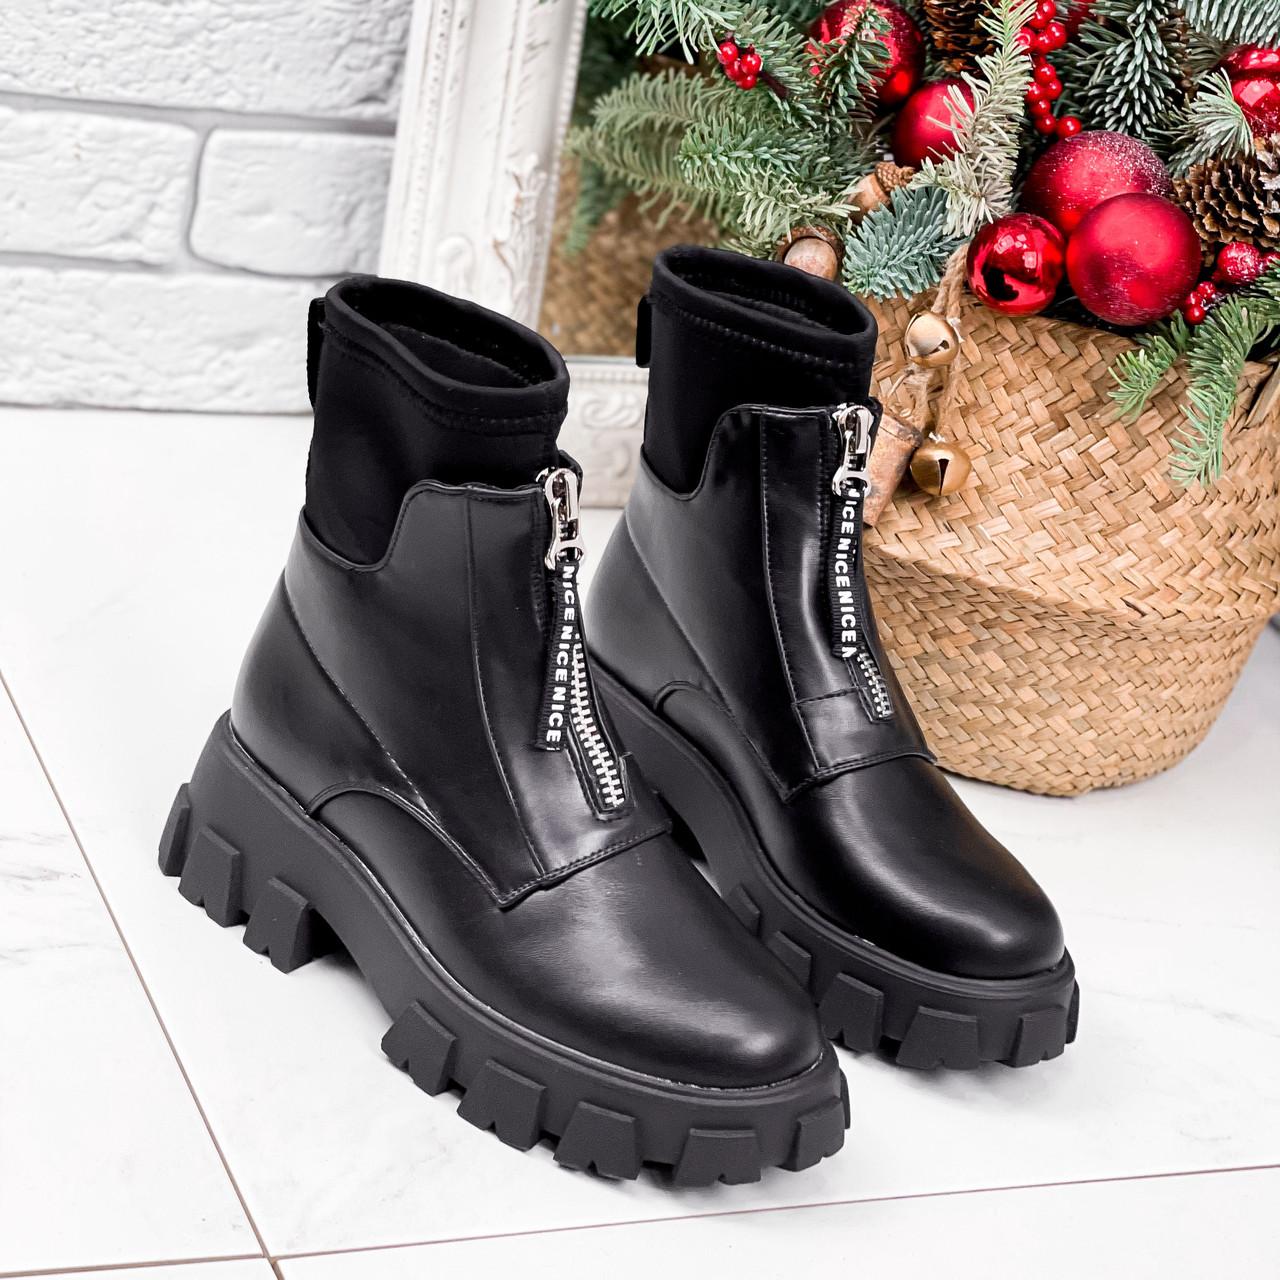 Ботинки женские Sharon черные ДЕМИ 2673